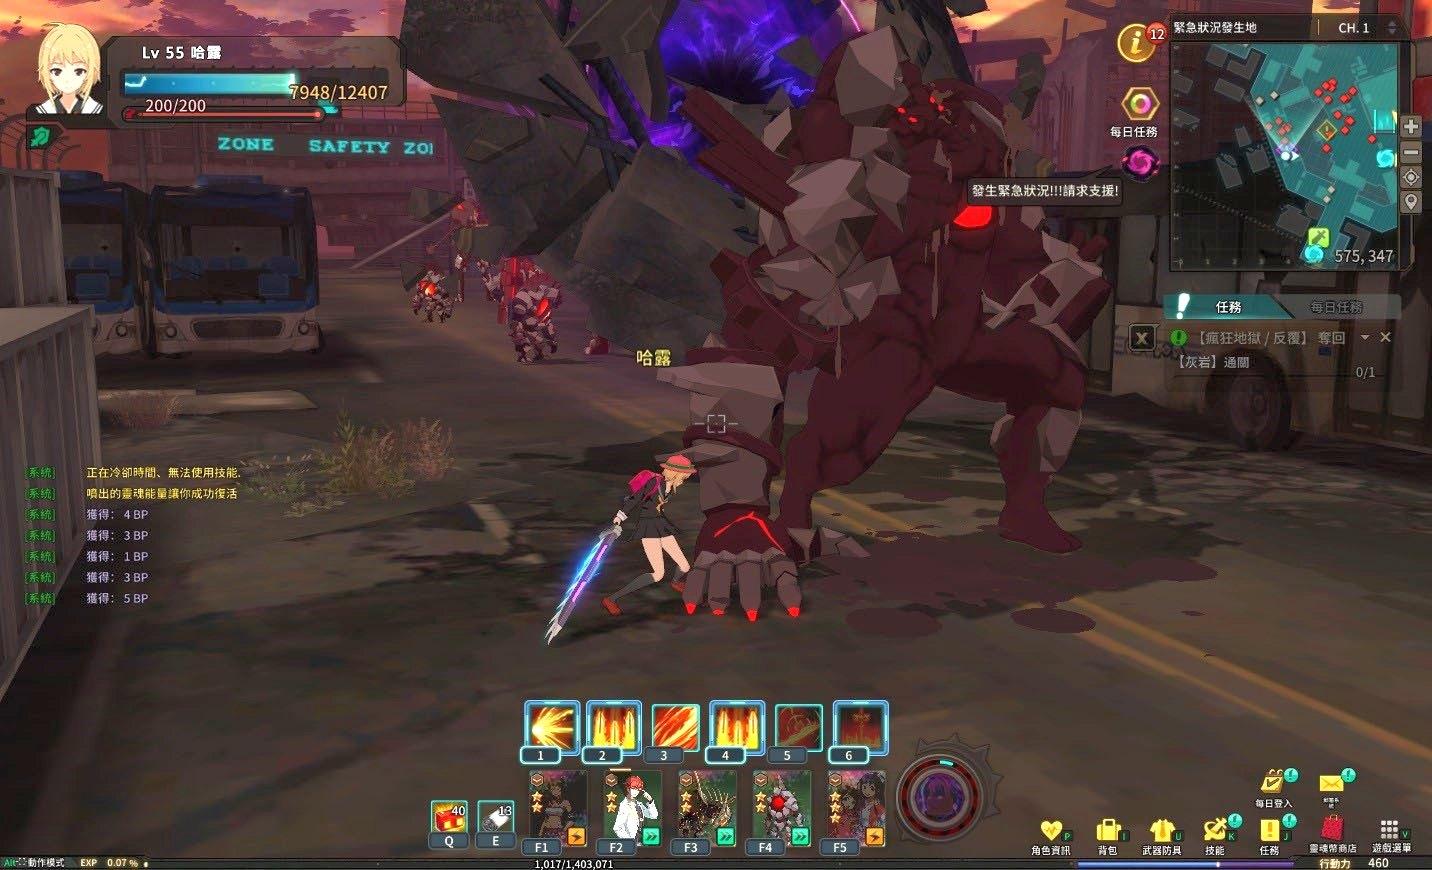 ★玩家進入戰場後,要小心週圍強力的怪物「縫隙監視人」的攻擊與阻撓。 (2)